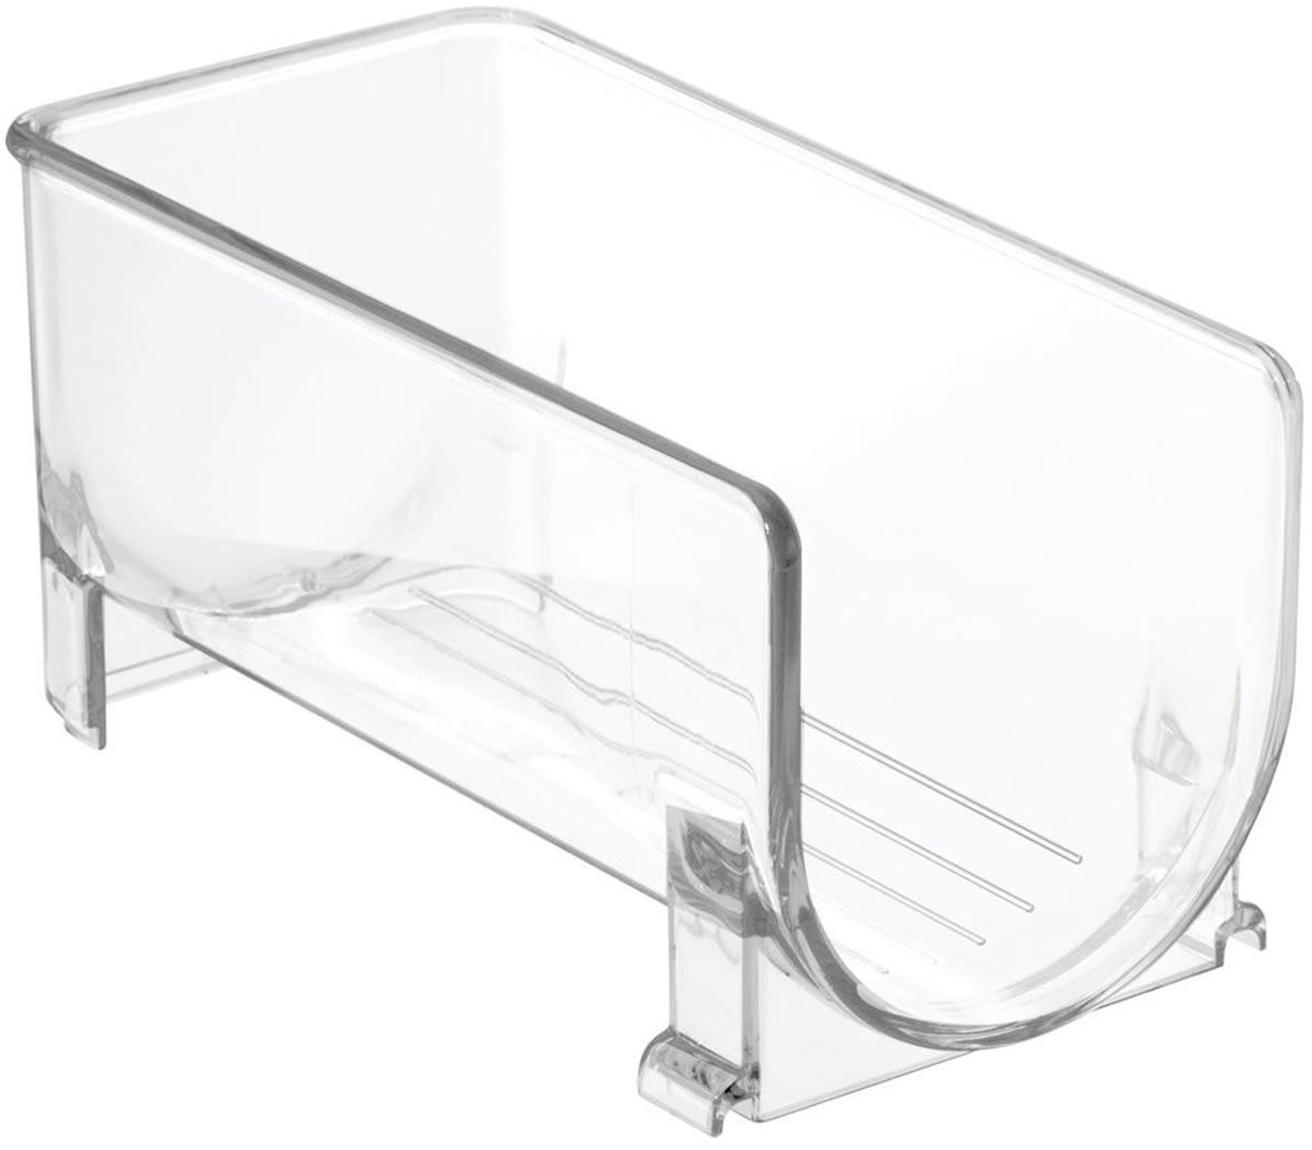 Organizador de nevera Binz, Acrílico, Transparente, An 10 x F 20 cm